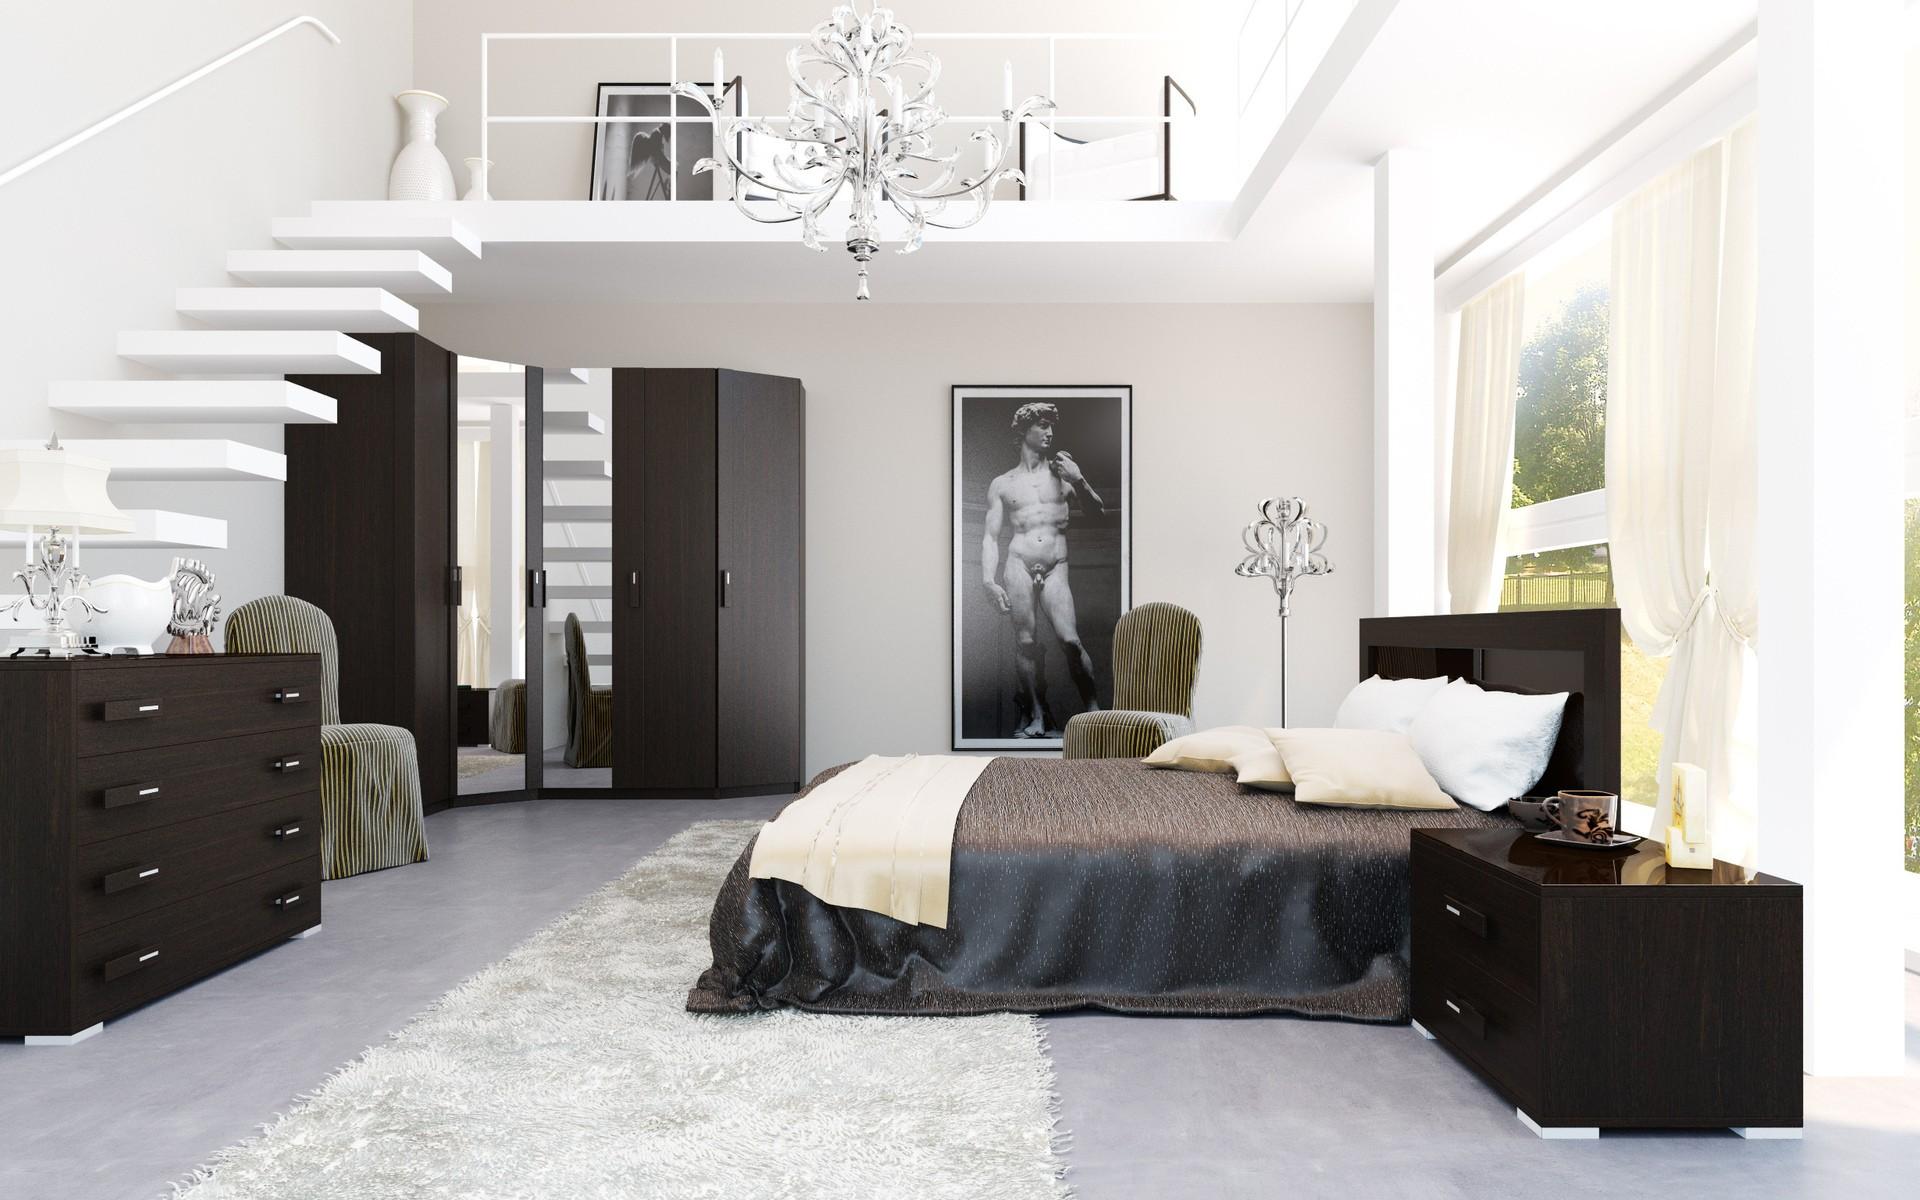 Diseño de habitación moderna - 1920x1200